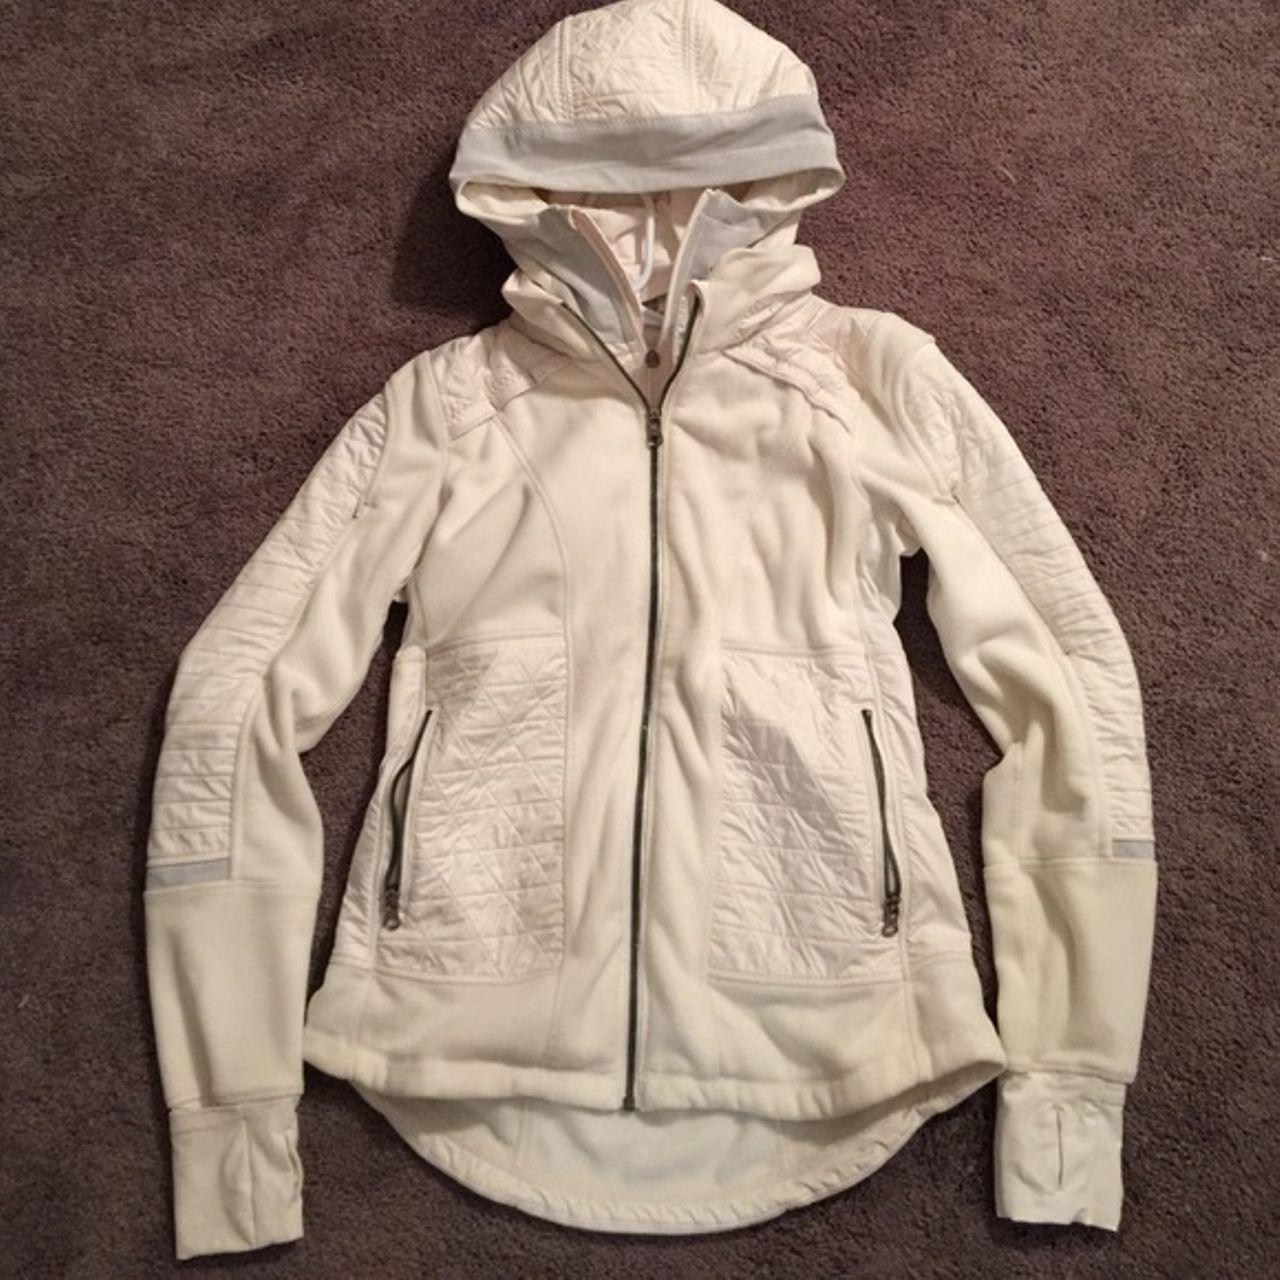 Lululemon Fleecy Keen Jacket II - Ghost